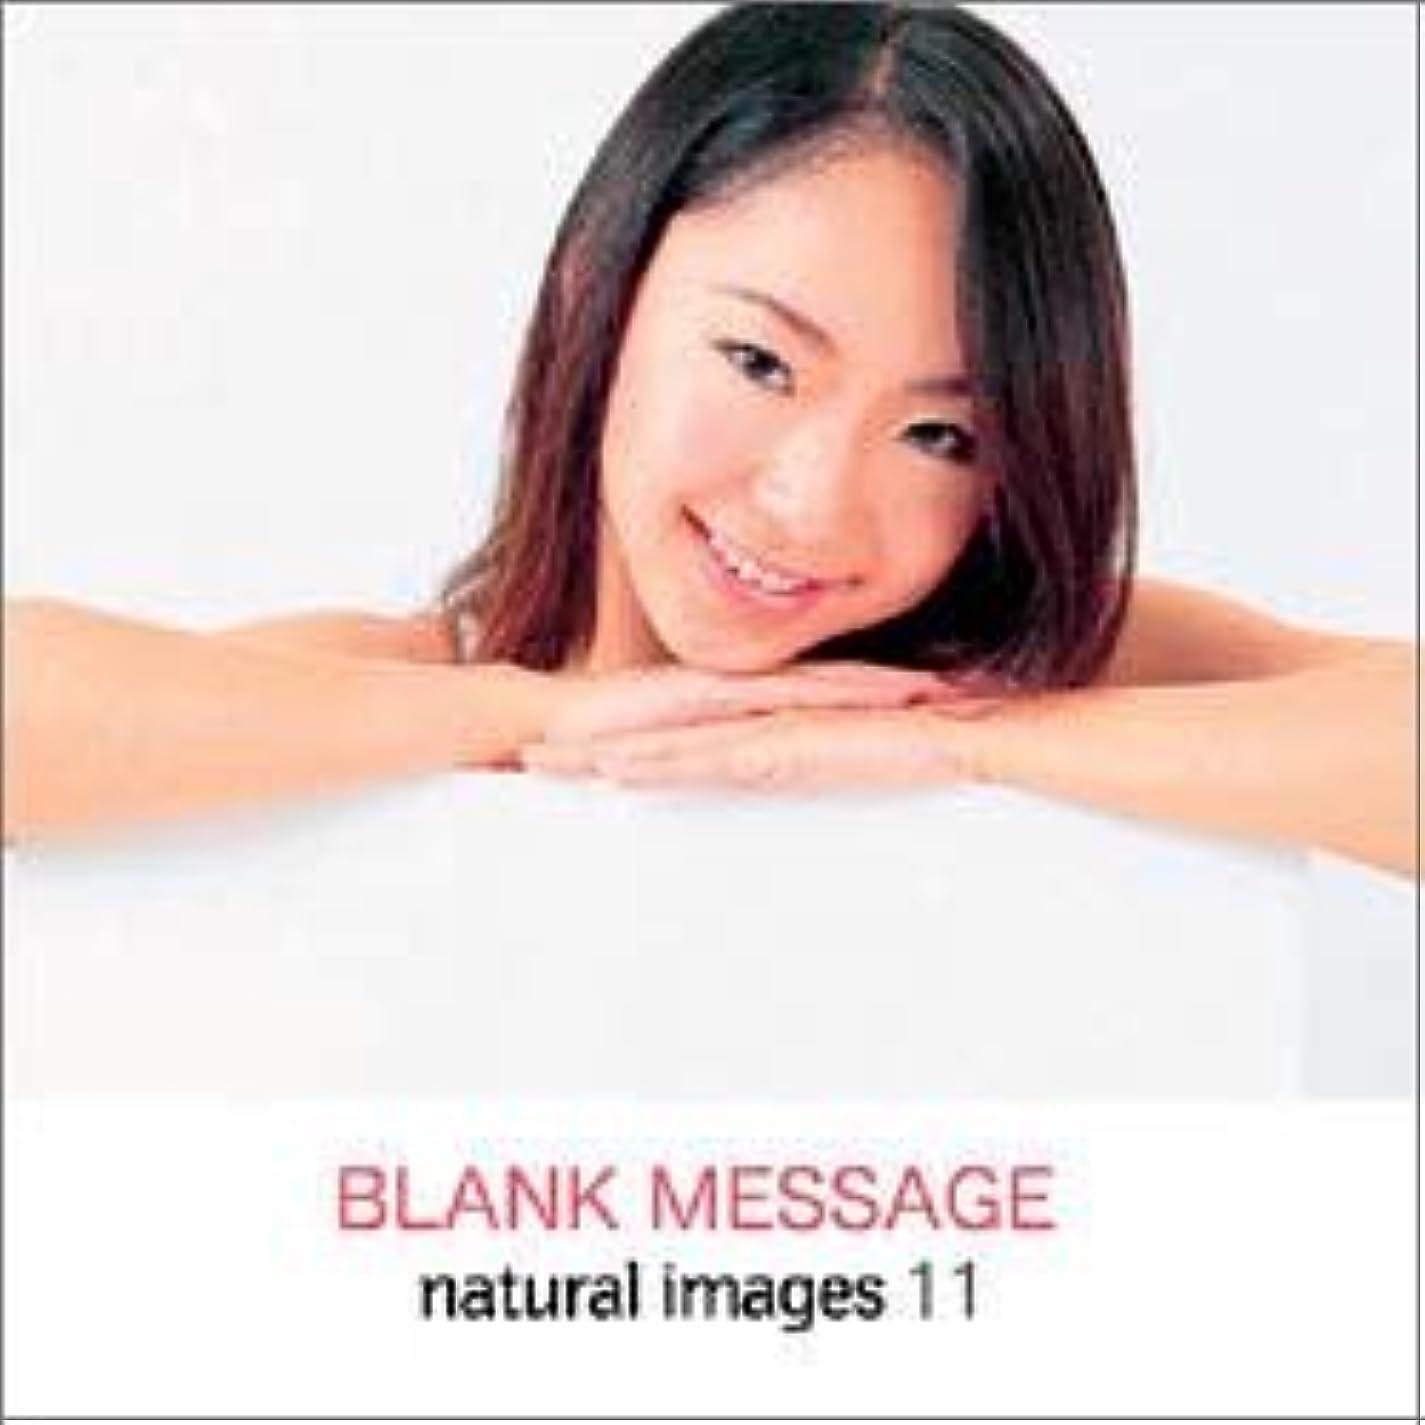 提唱する高揚した論争の的natural images Vol.11 BLANK MESSAGE